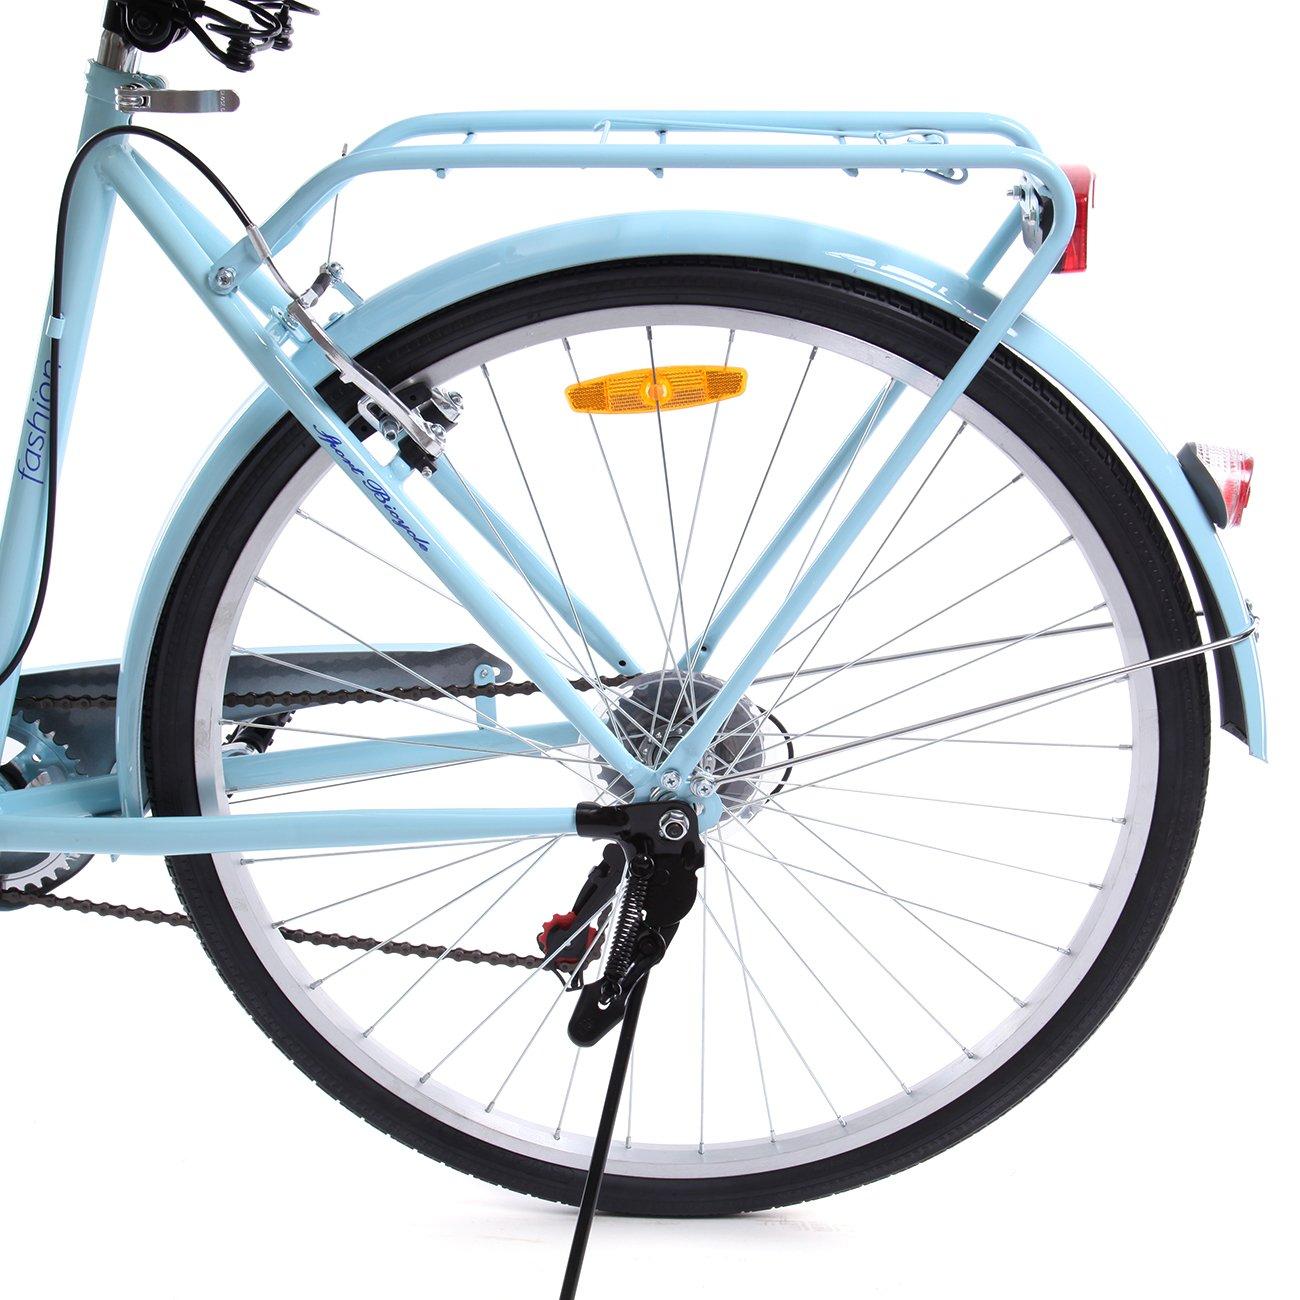 Paneltech 28 Pulgadas 7 Velocidad de Ciudad Bicicleta de Ciudad para Mujer Hombre Paseo Citybike Compras Commute para Bicicleta con luz Delantera y luz ...